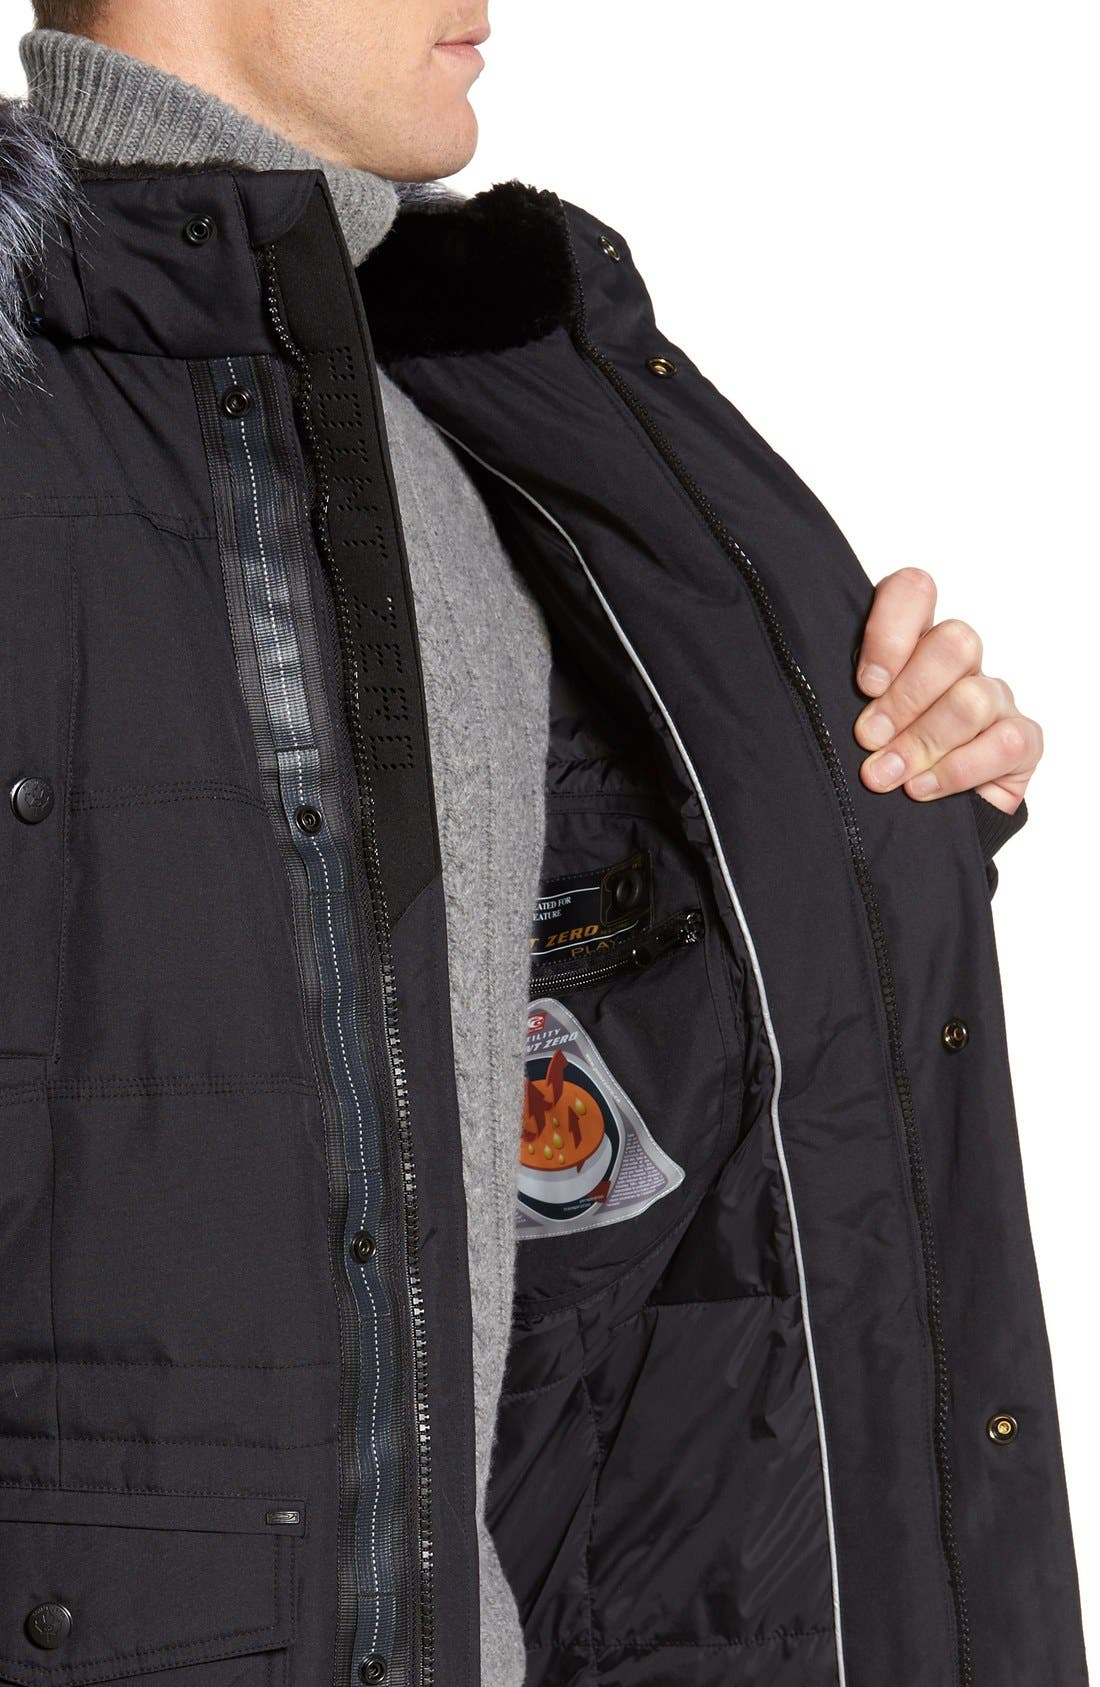 Down Jacket with Faux Fur Trim,                             Alternate thumbnail 3, color,                             001